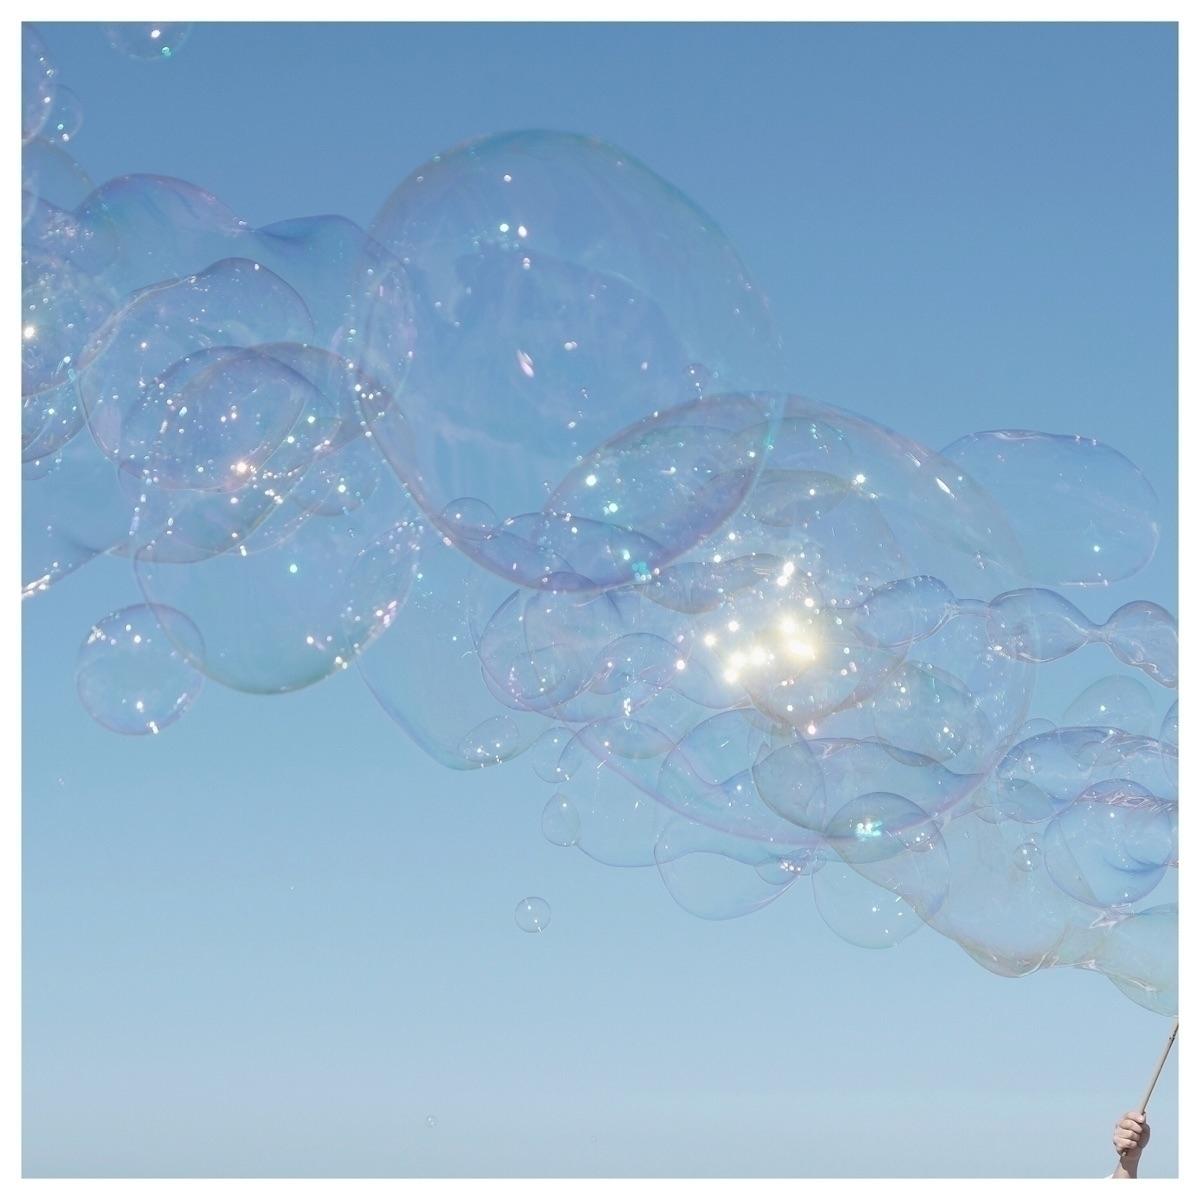 Light soap bubble Léger comme u - murielleetc | ello